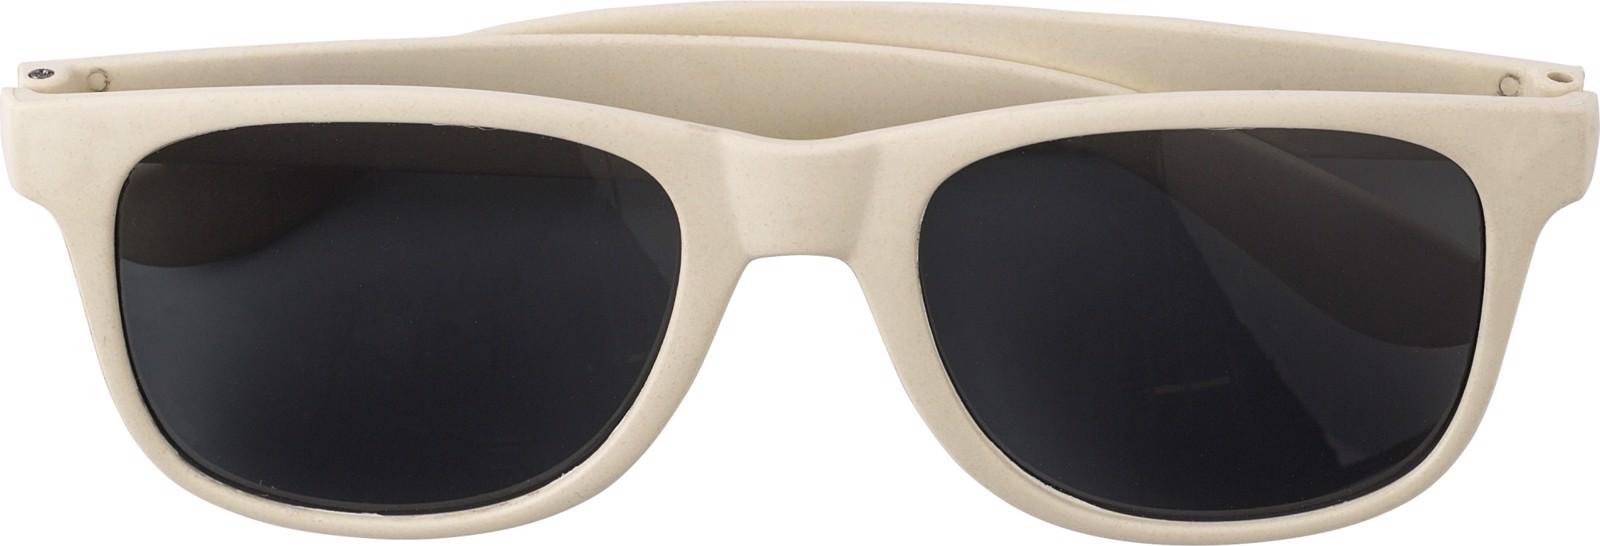 Gafas de fibra de bambú - Brown